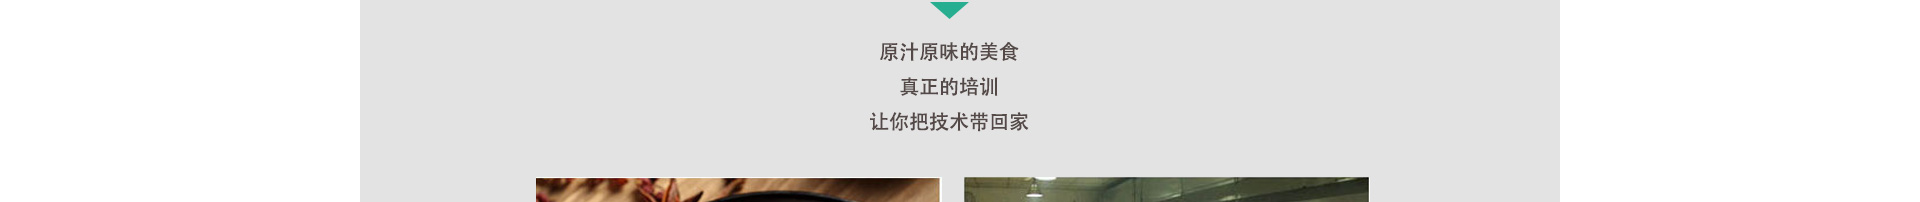 吳山貢鵝培訓